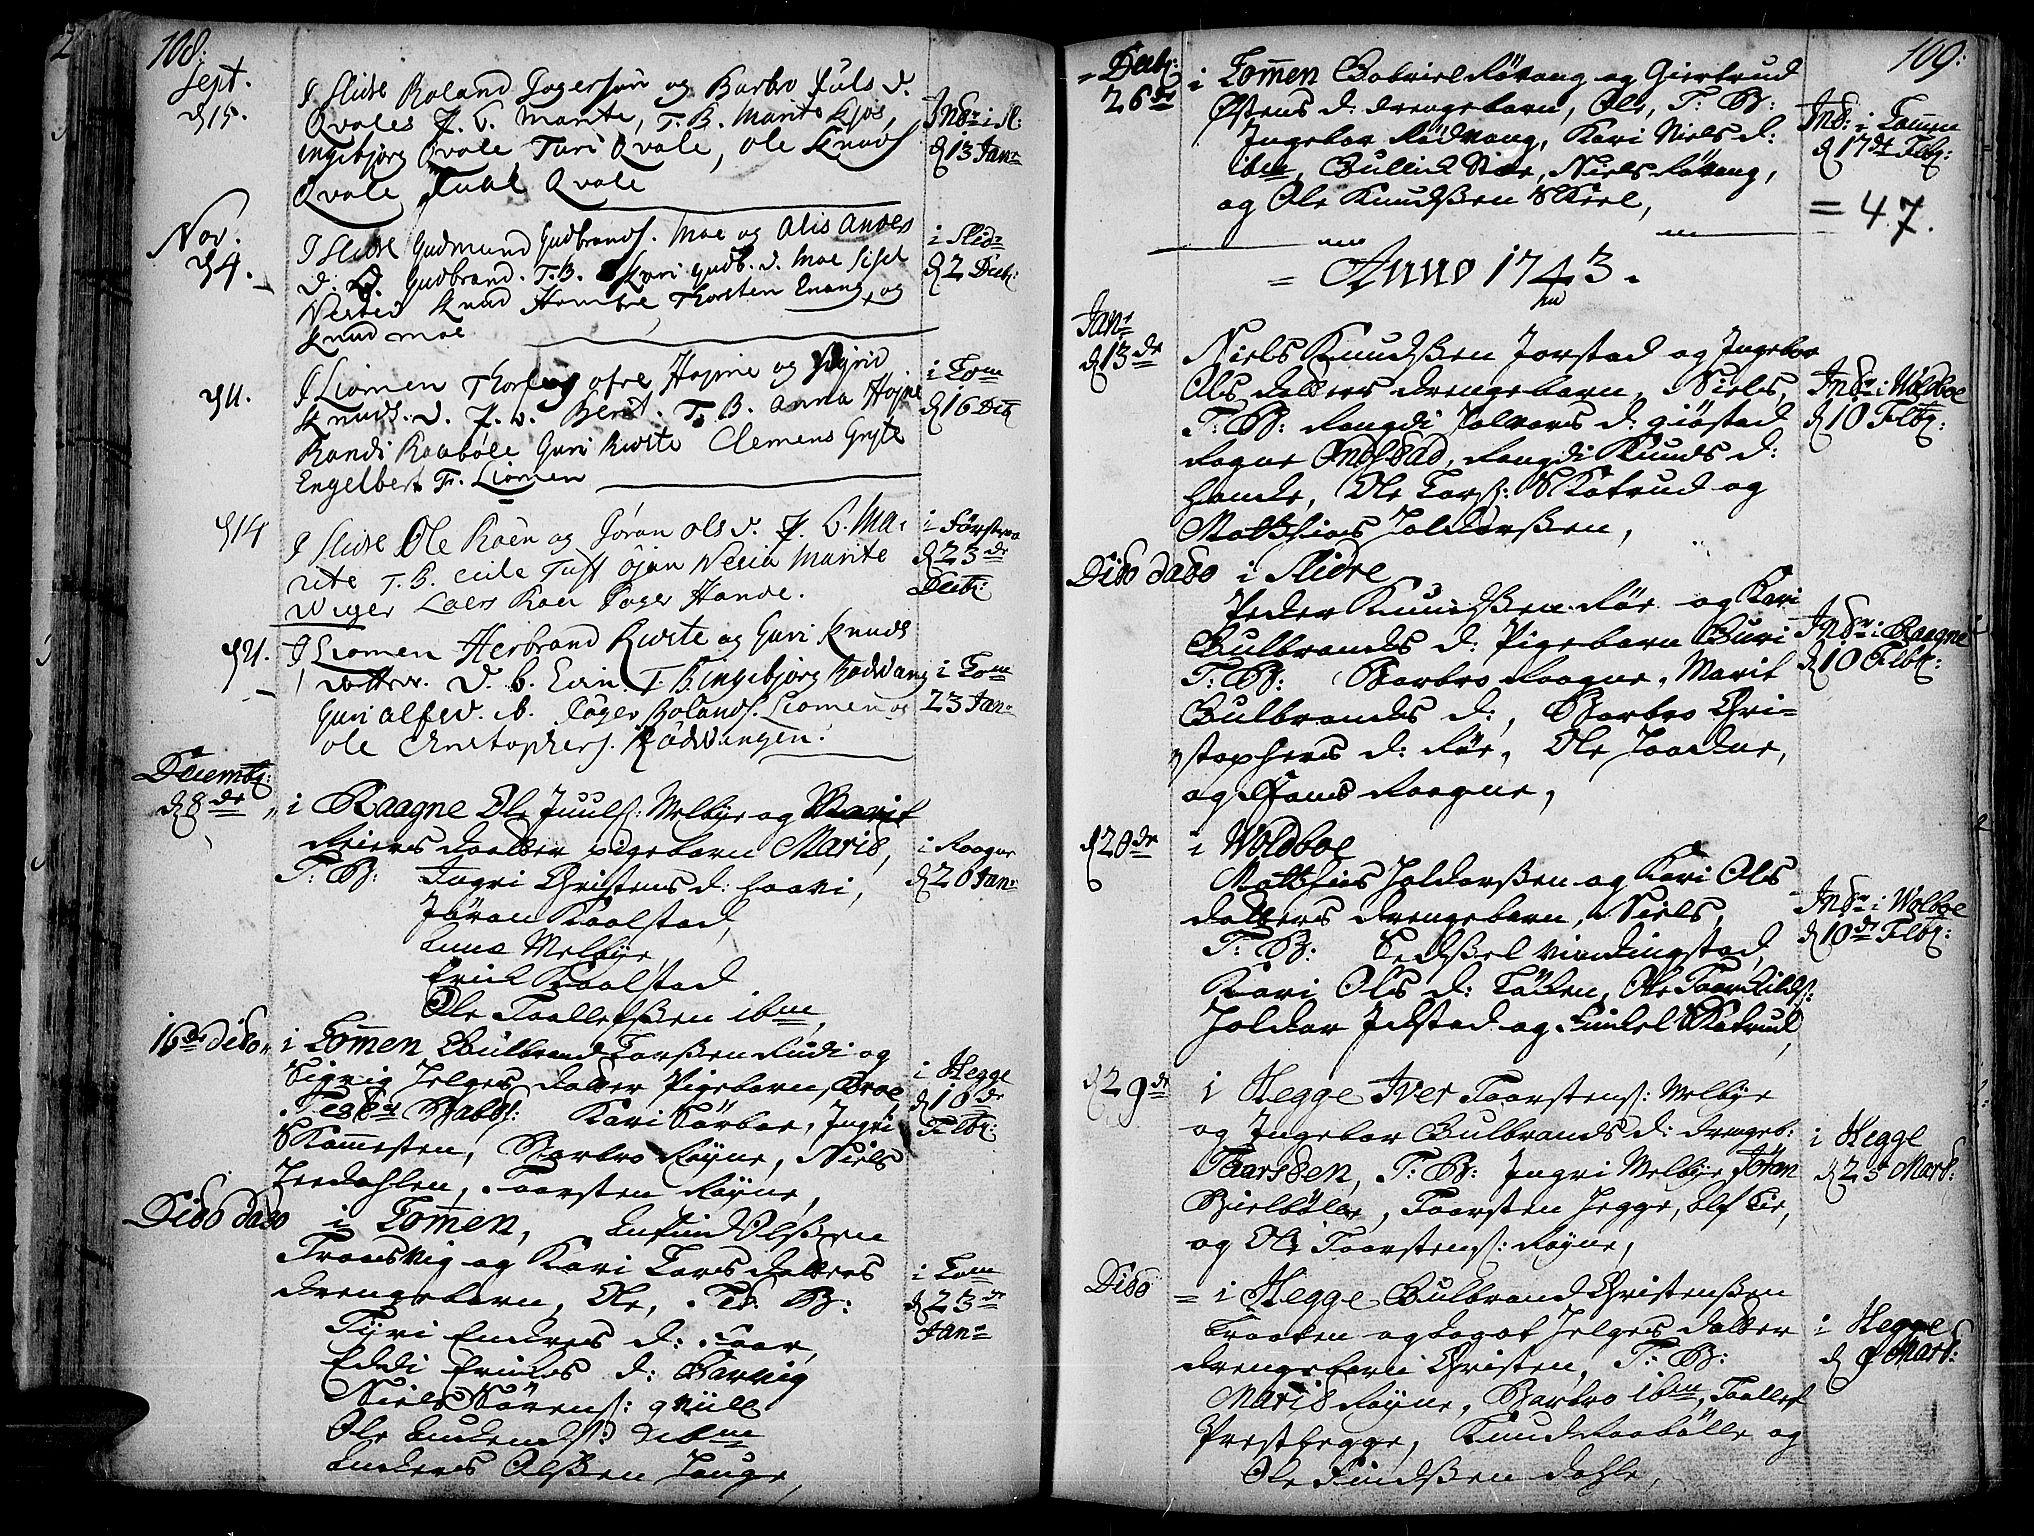 SAH, Slidre prestekontor, Ministerialbok nr. 1, 1724-1814, s. 108-109